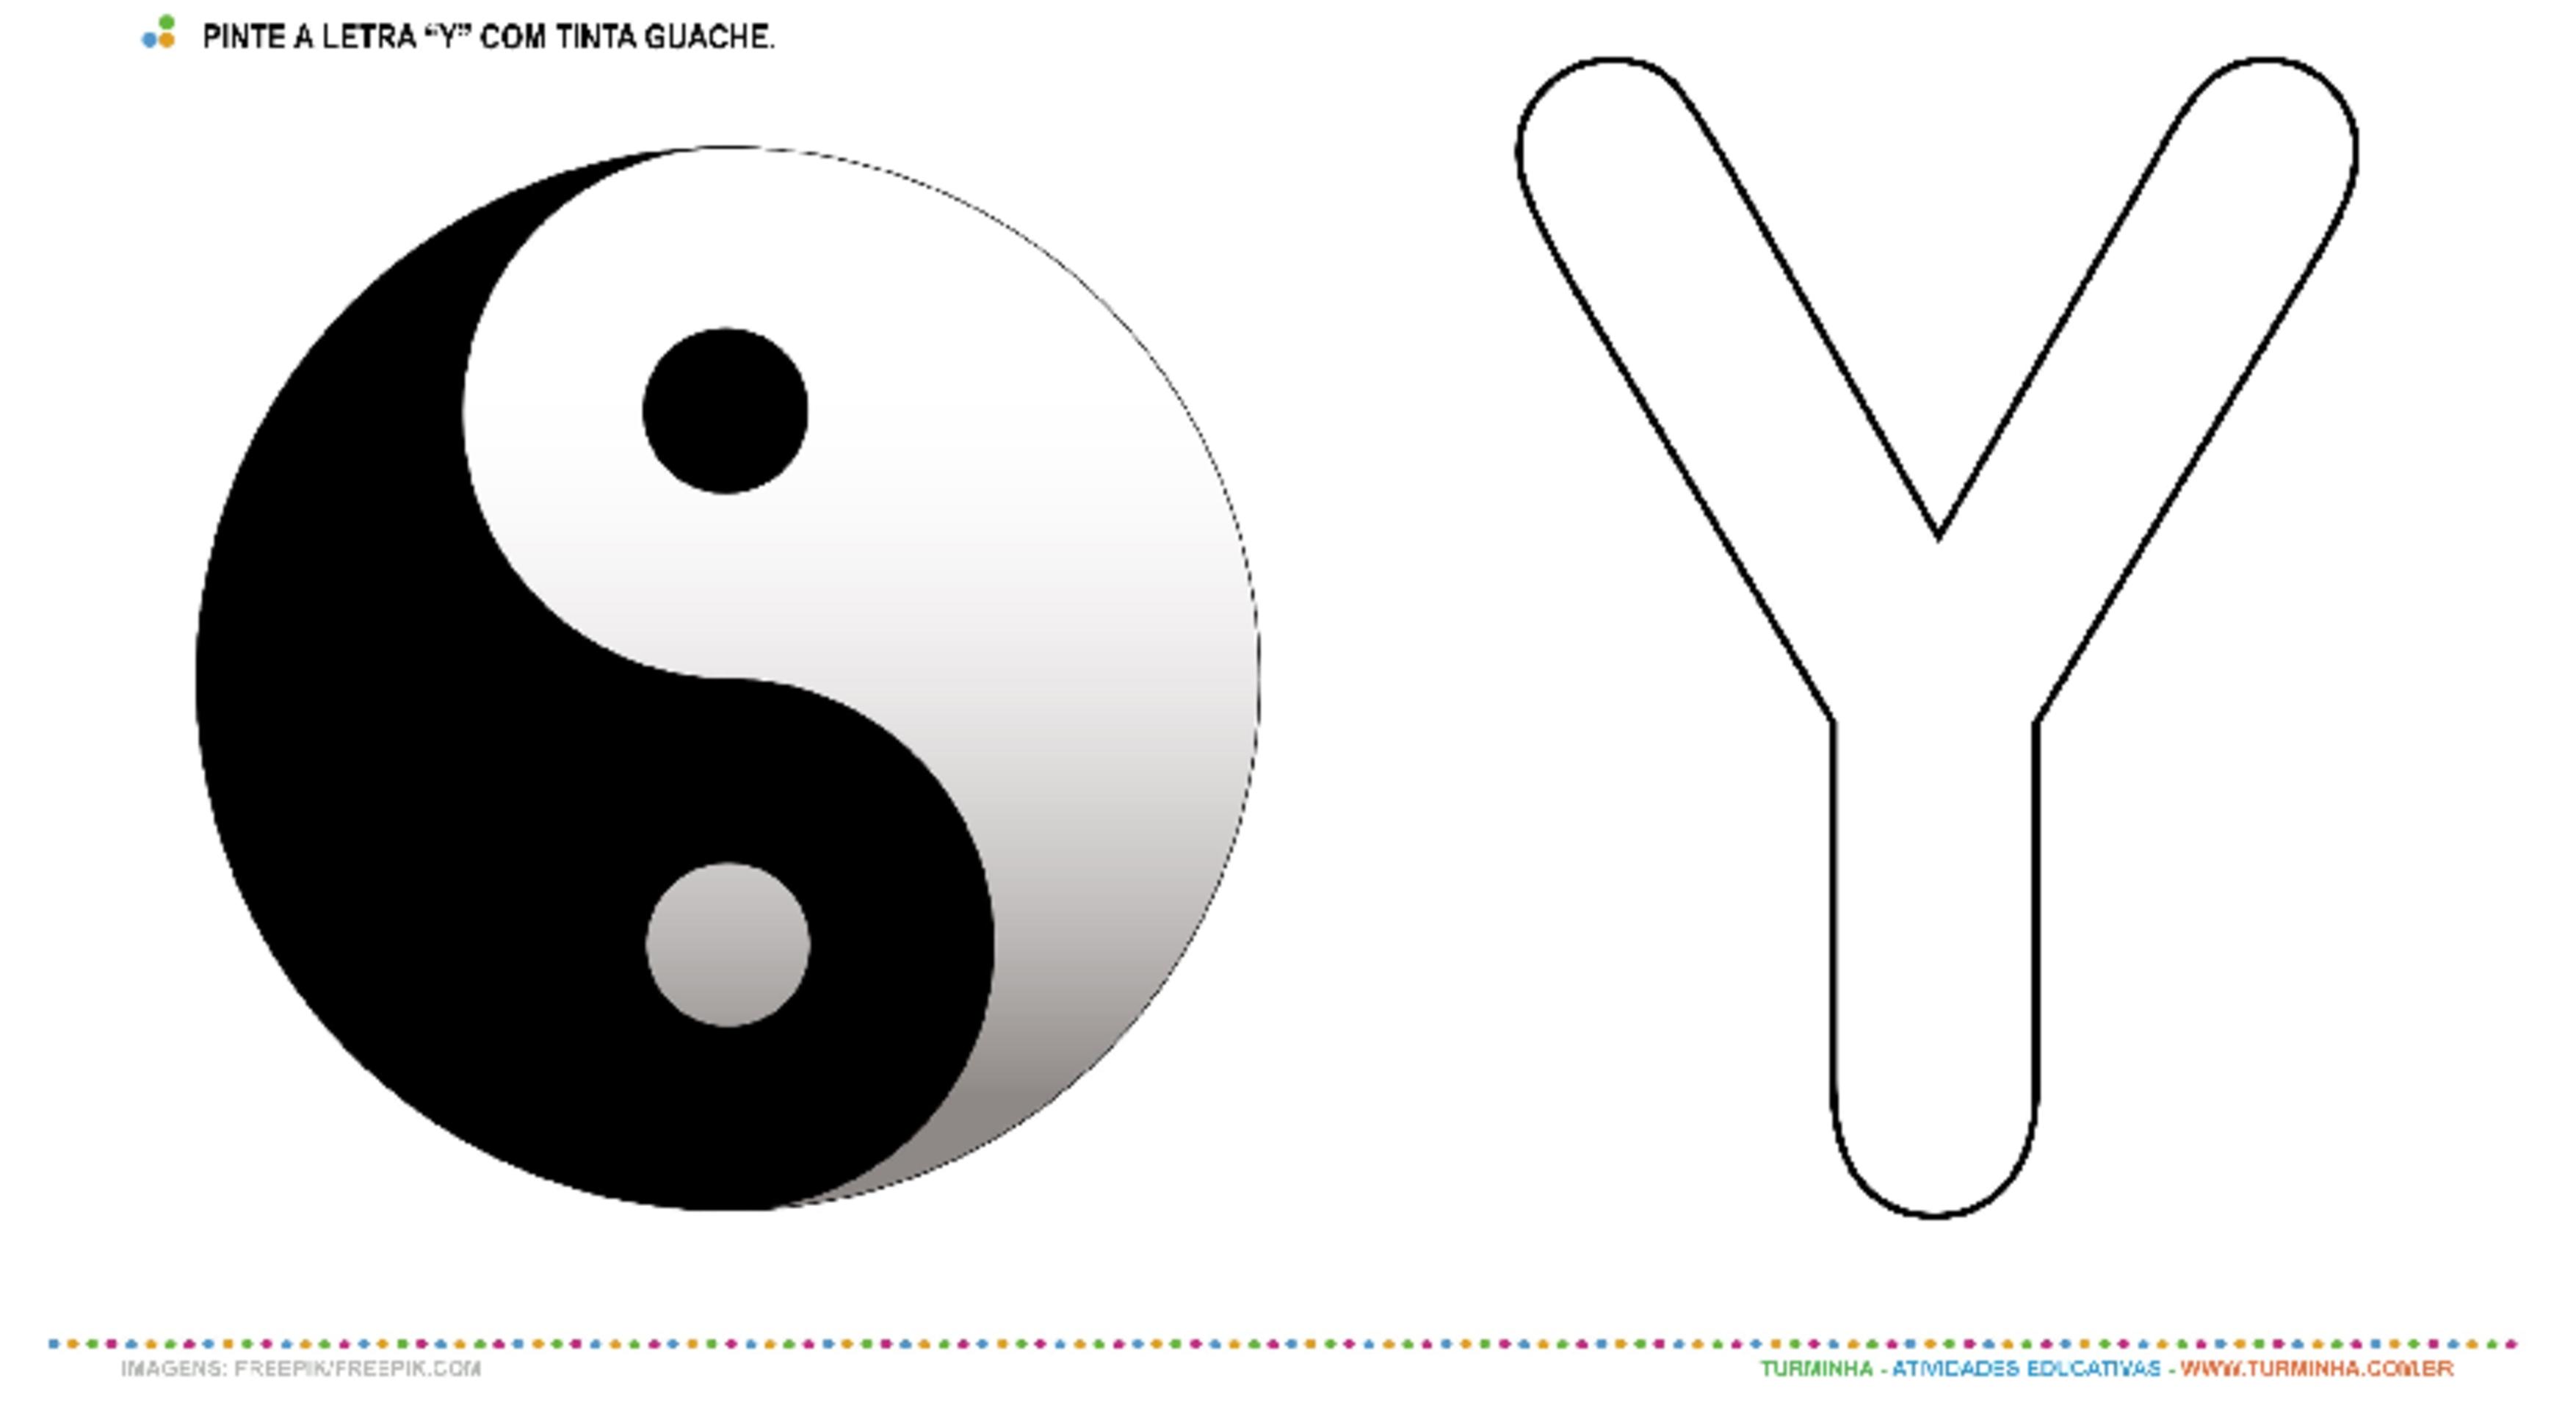 """Yin Yang e a Letra """"Y"""" – Pintura com Guache - atividade educativa para Creche (0 a 3 anos)"""